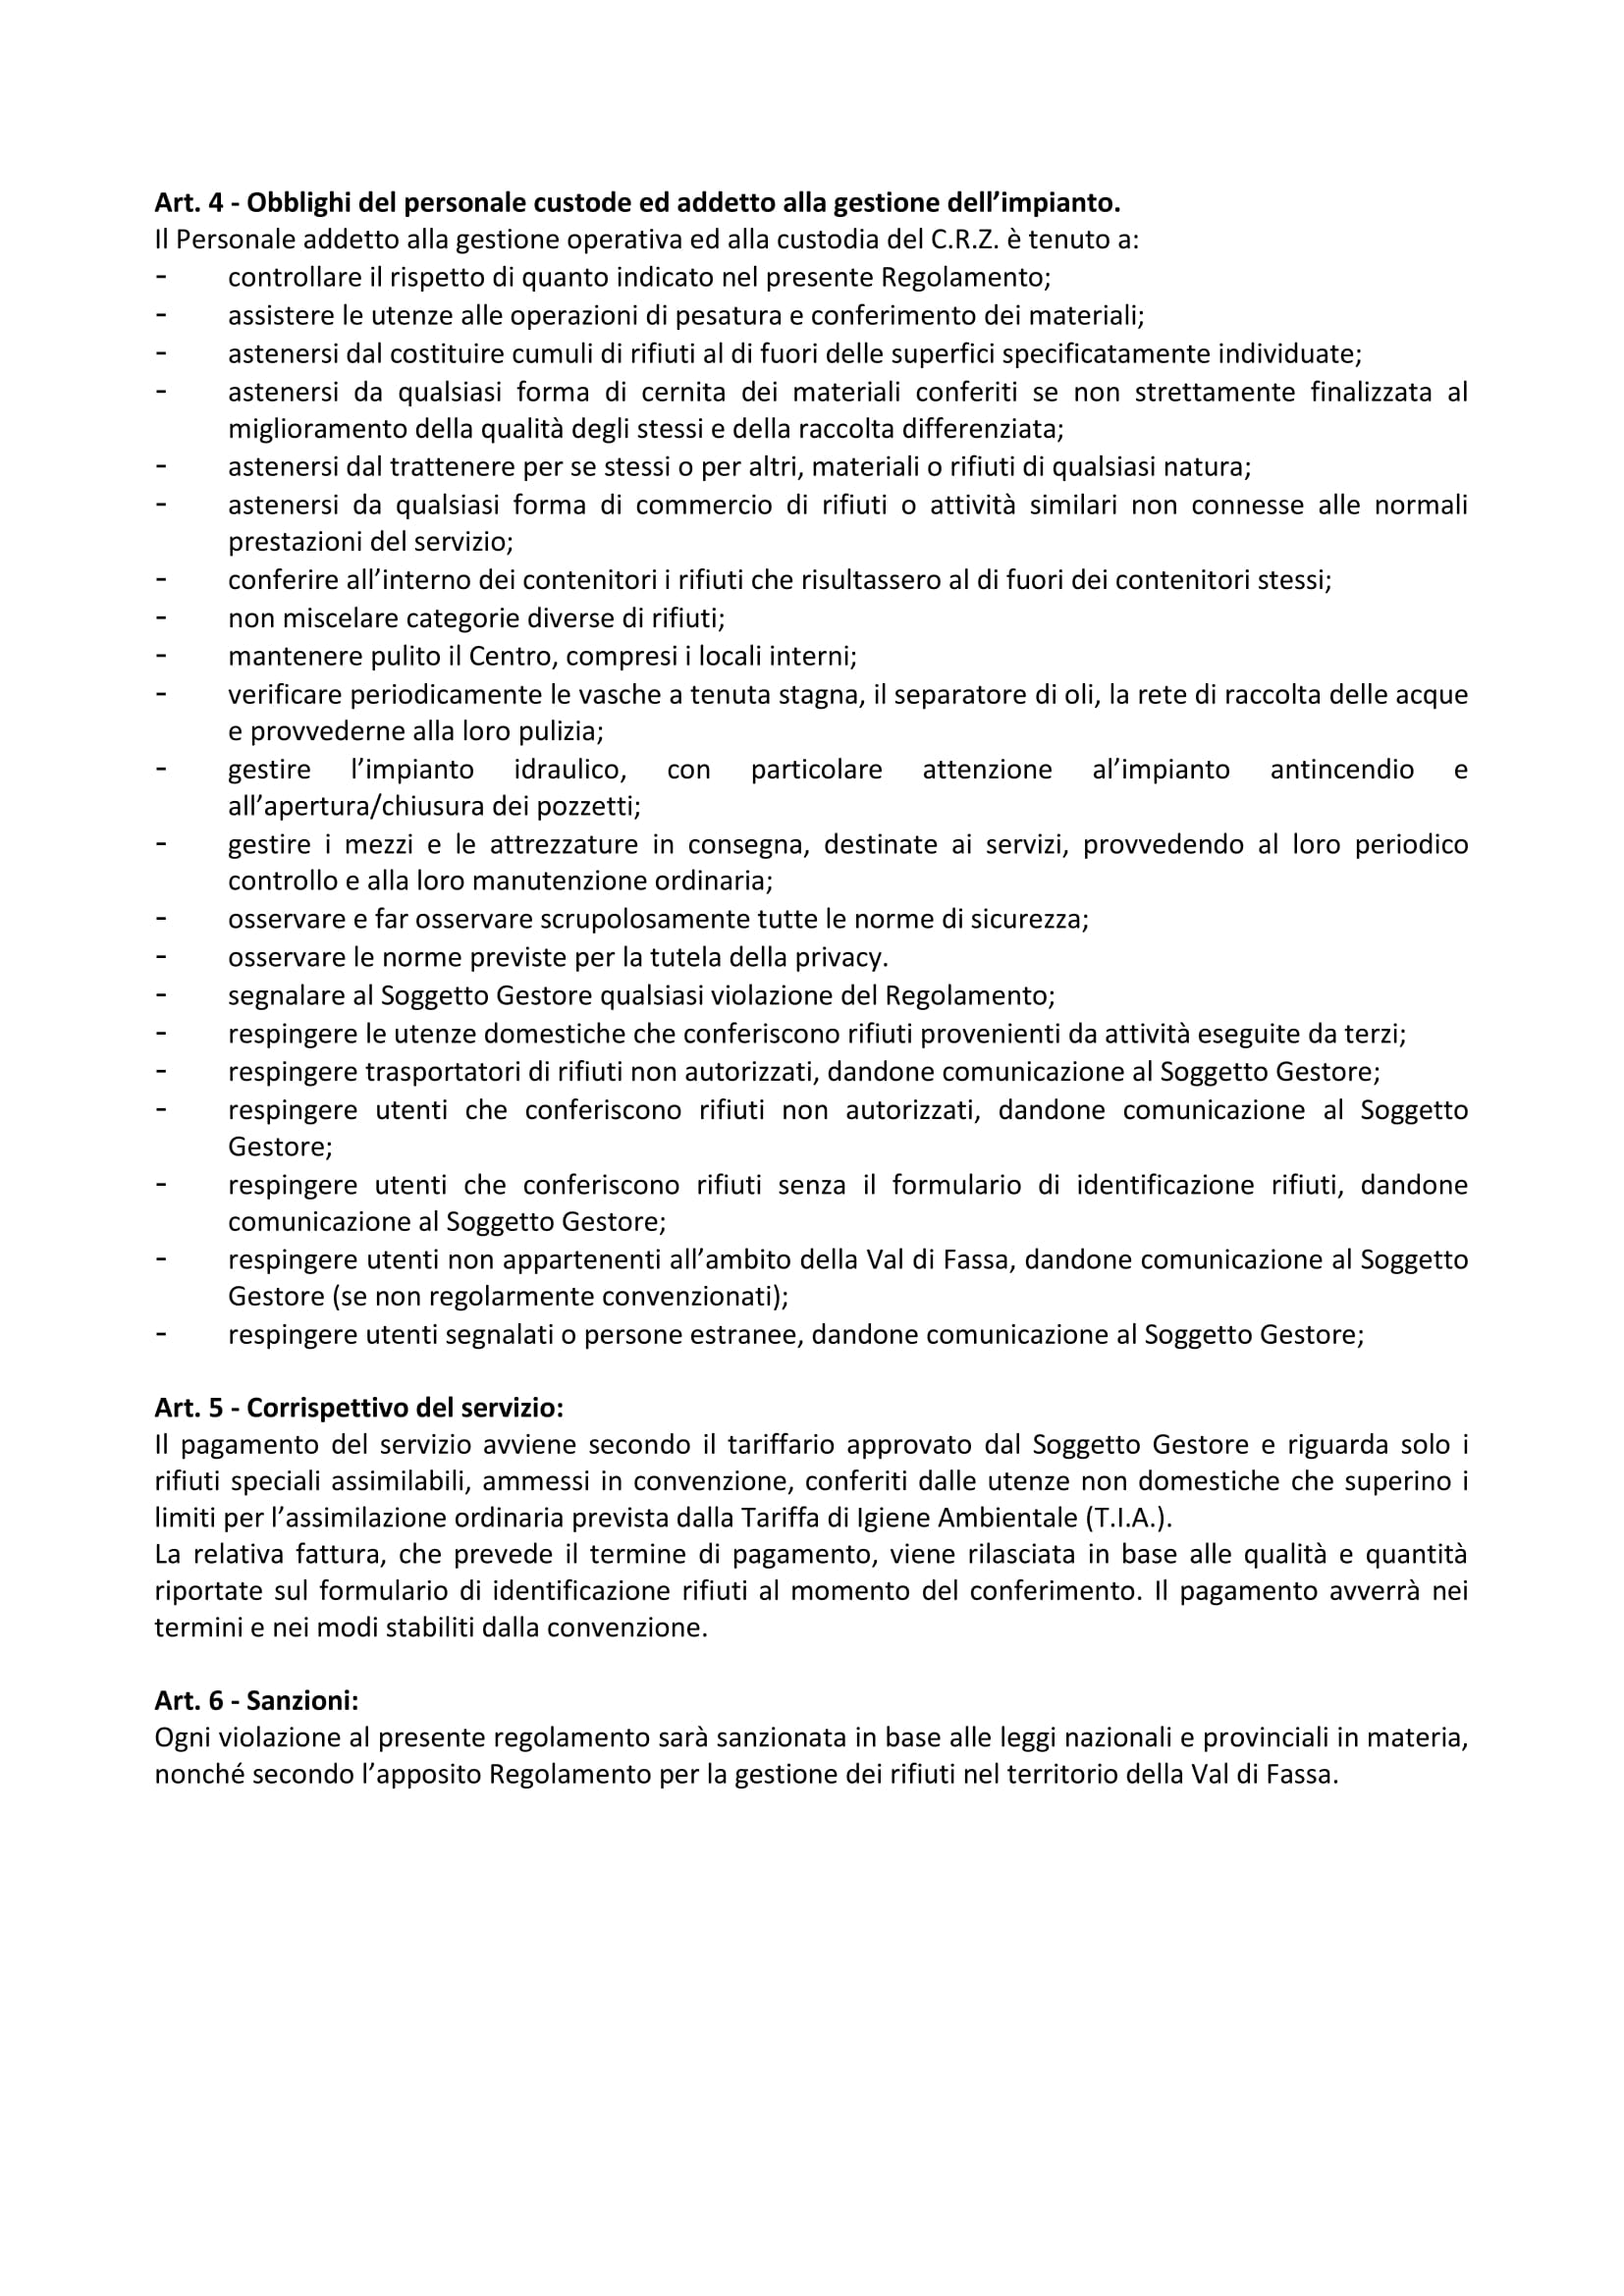 Seconda pagina del regolamento CRZ